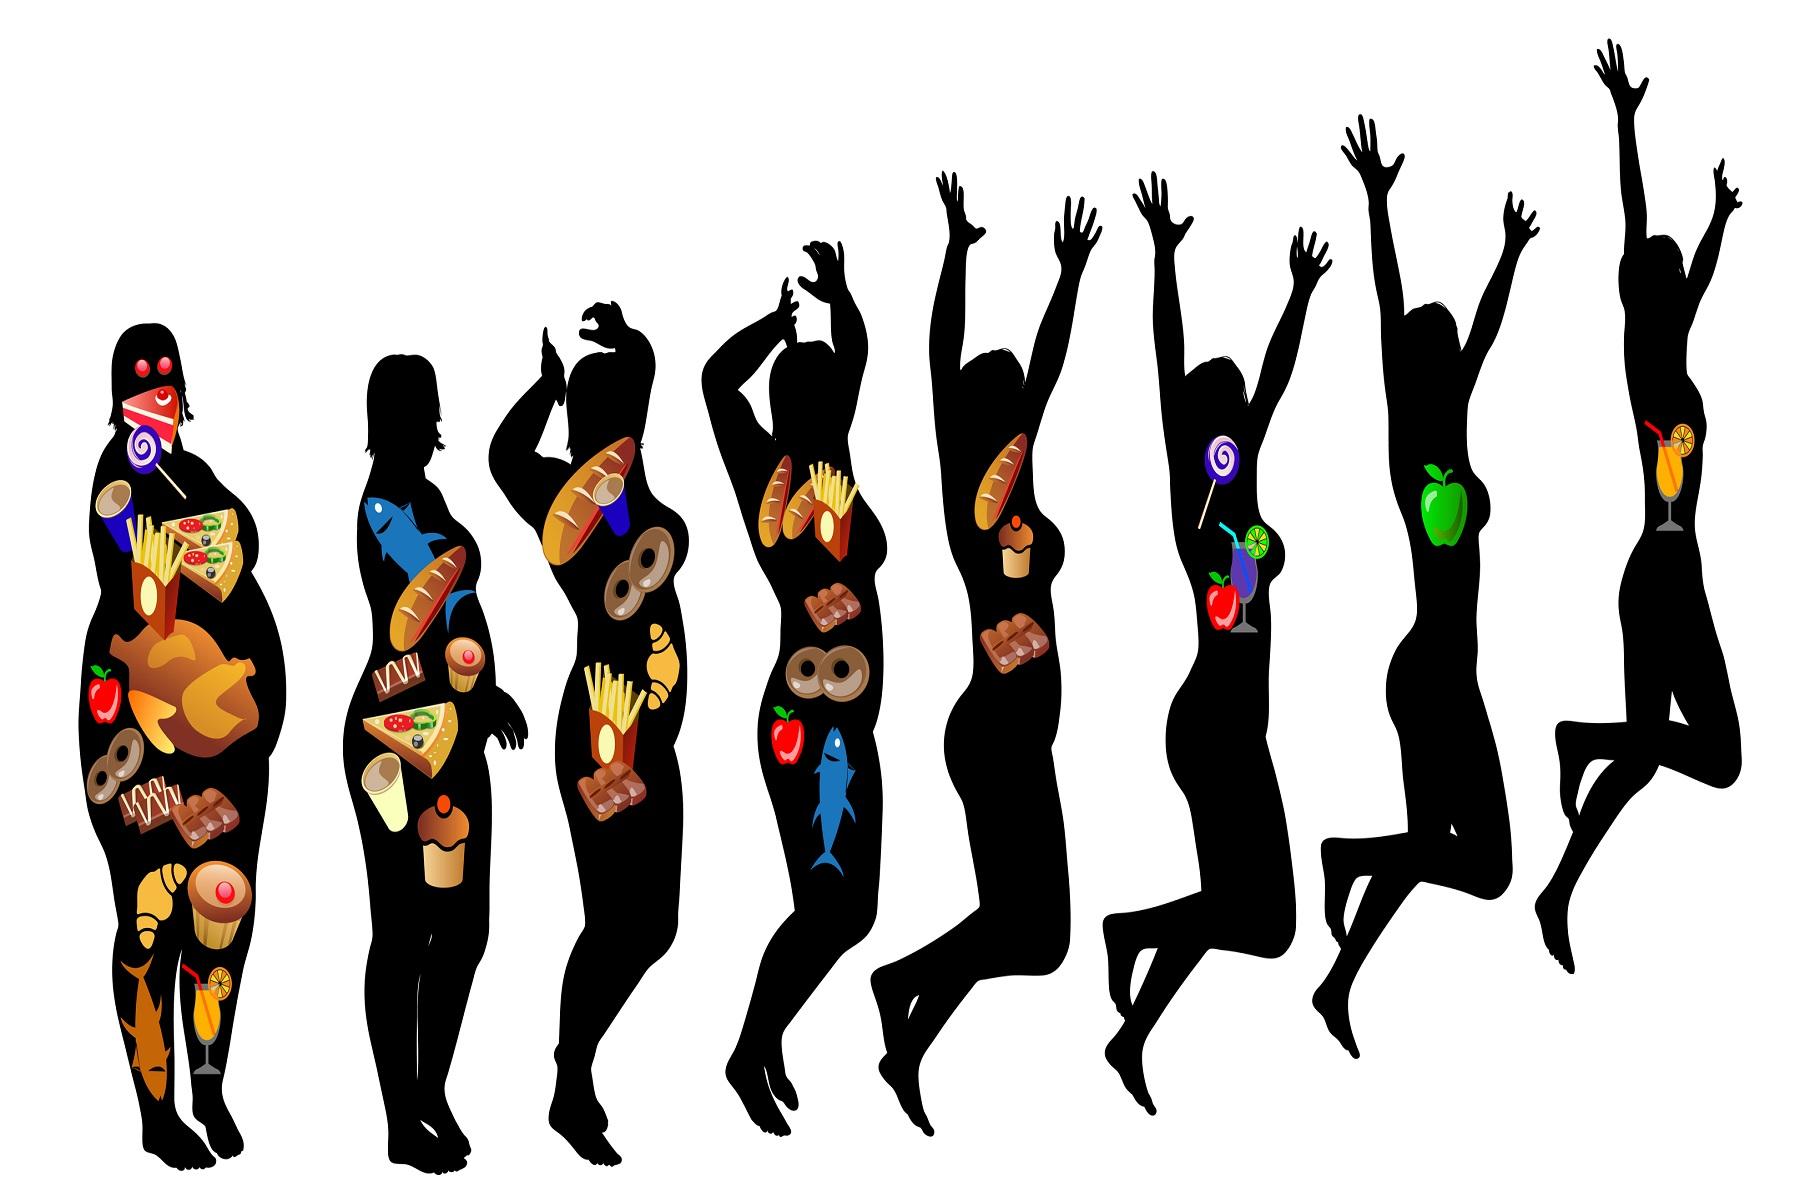 ΔΜΣ Παχυσαρκία: Ο ρόλος της άσκησης στην αποφυγή κινδύνων για τη συνολική υγεία